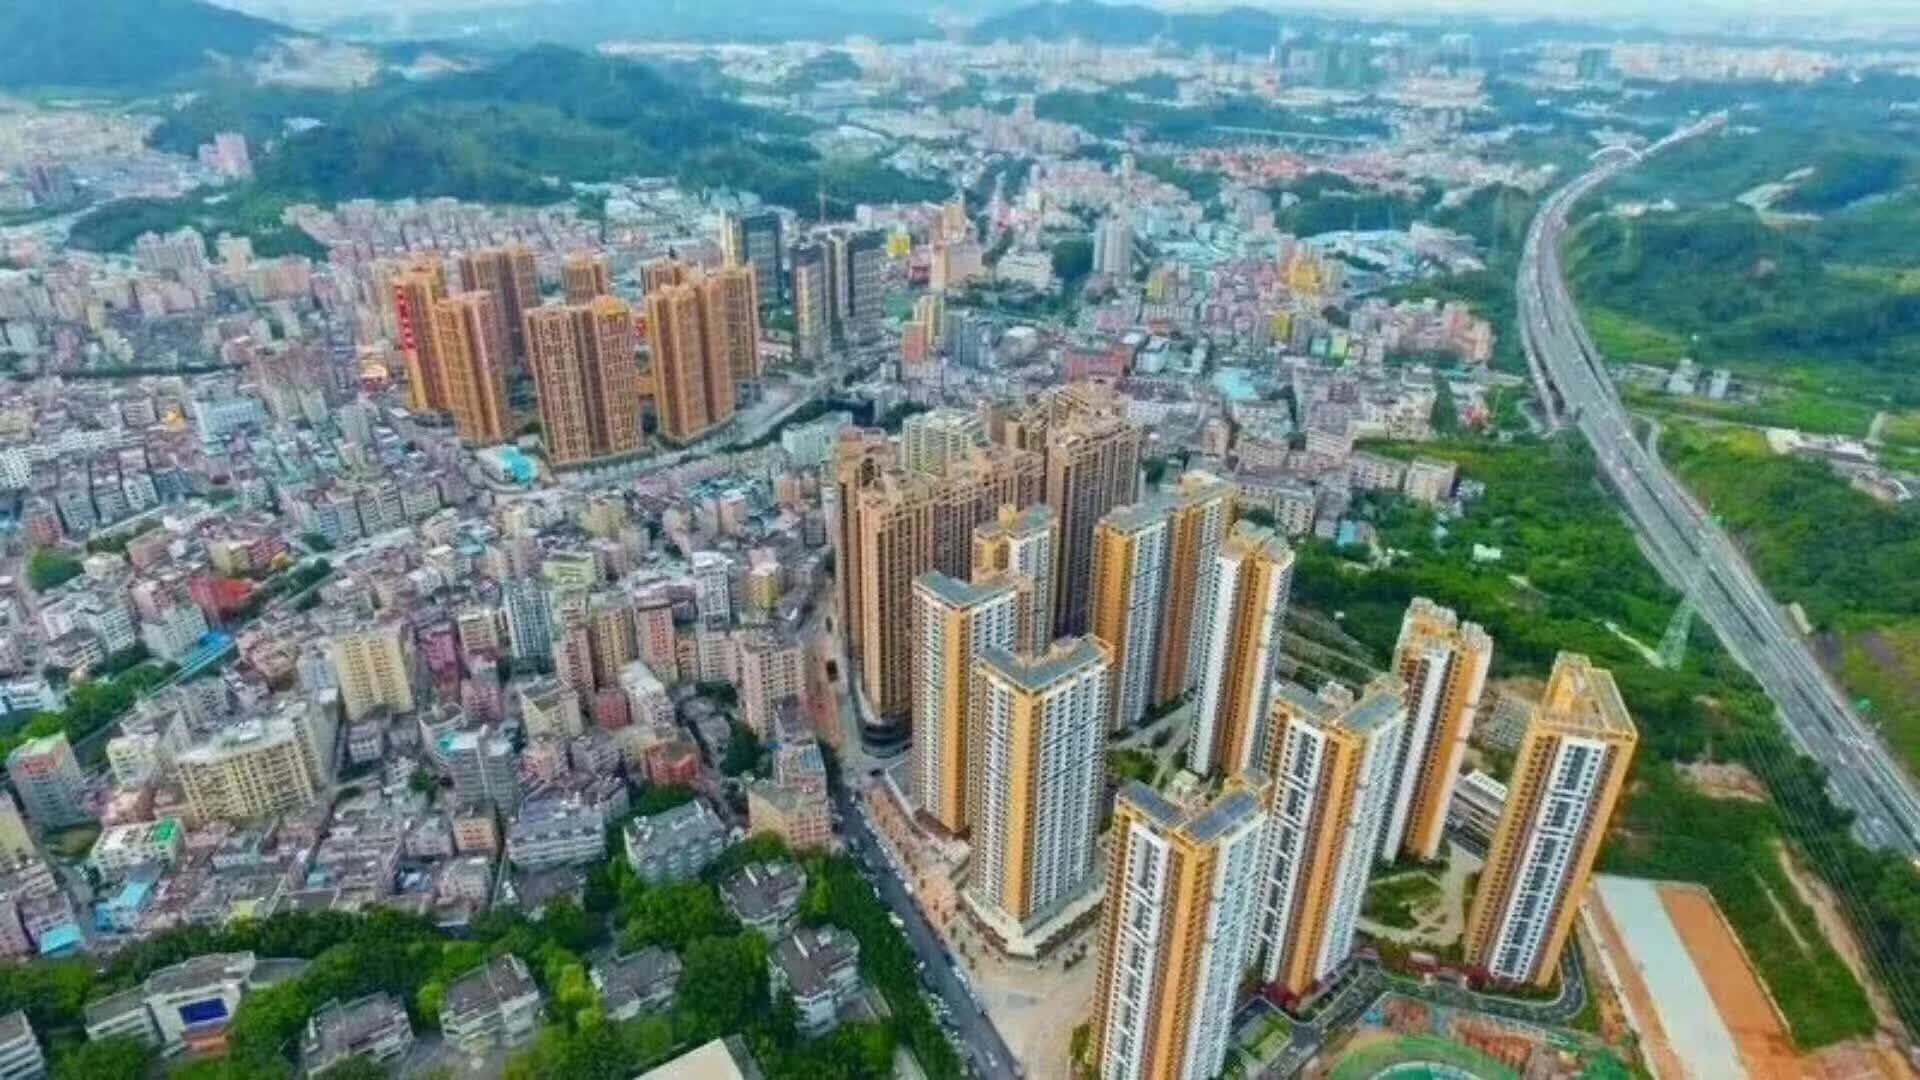 深圳185套保障房空置3年以上!审计报告要求尽快收回和分配